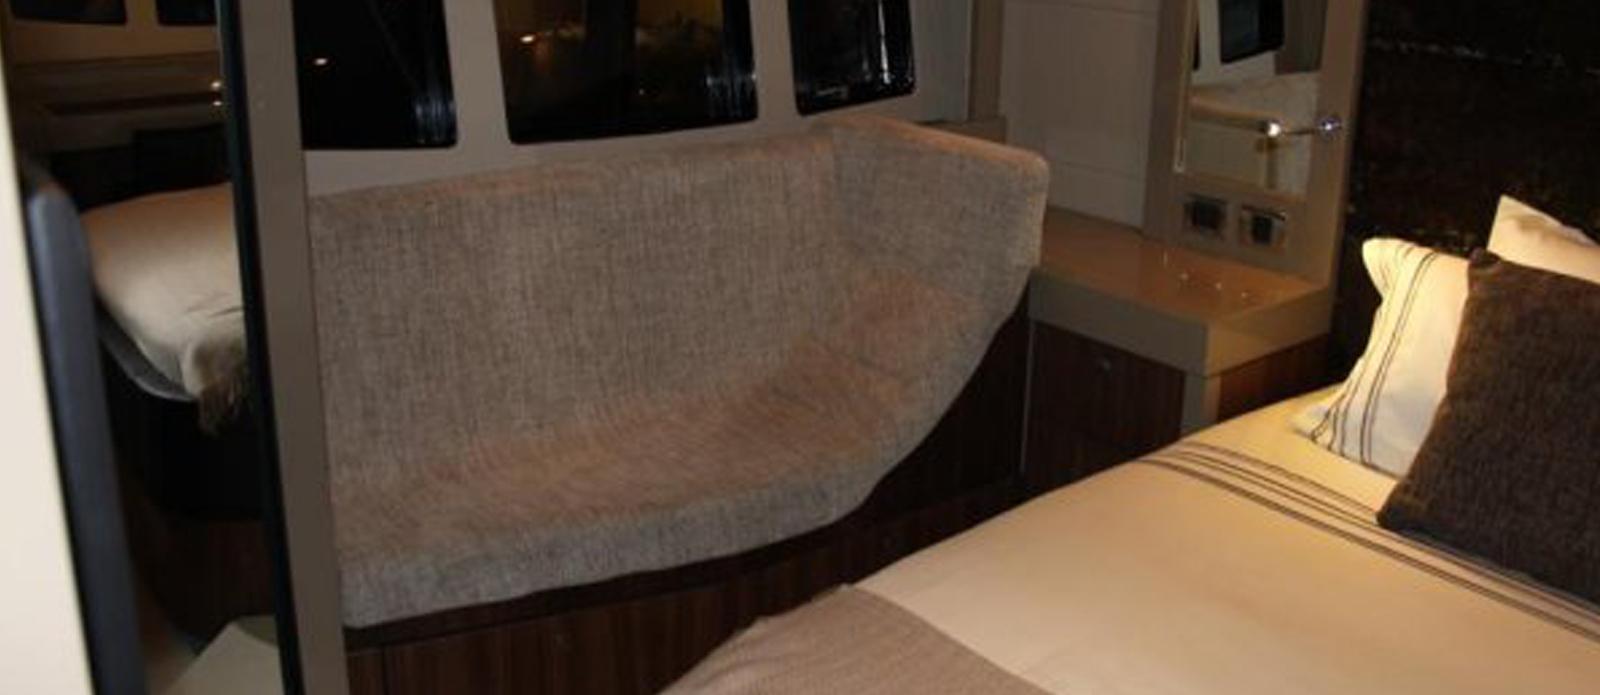 Sunseeker-Predator-60-KUSHTI-Master-Cabin-Seat